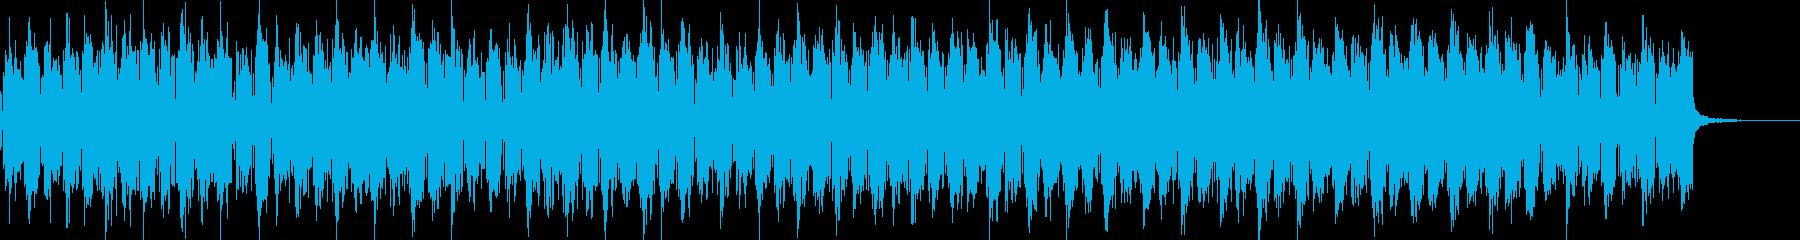 作業の邪魔をしないローファイチルポップの再生済みの波形